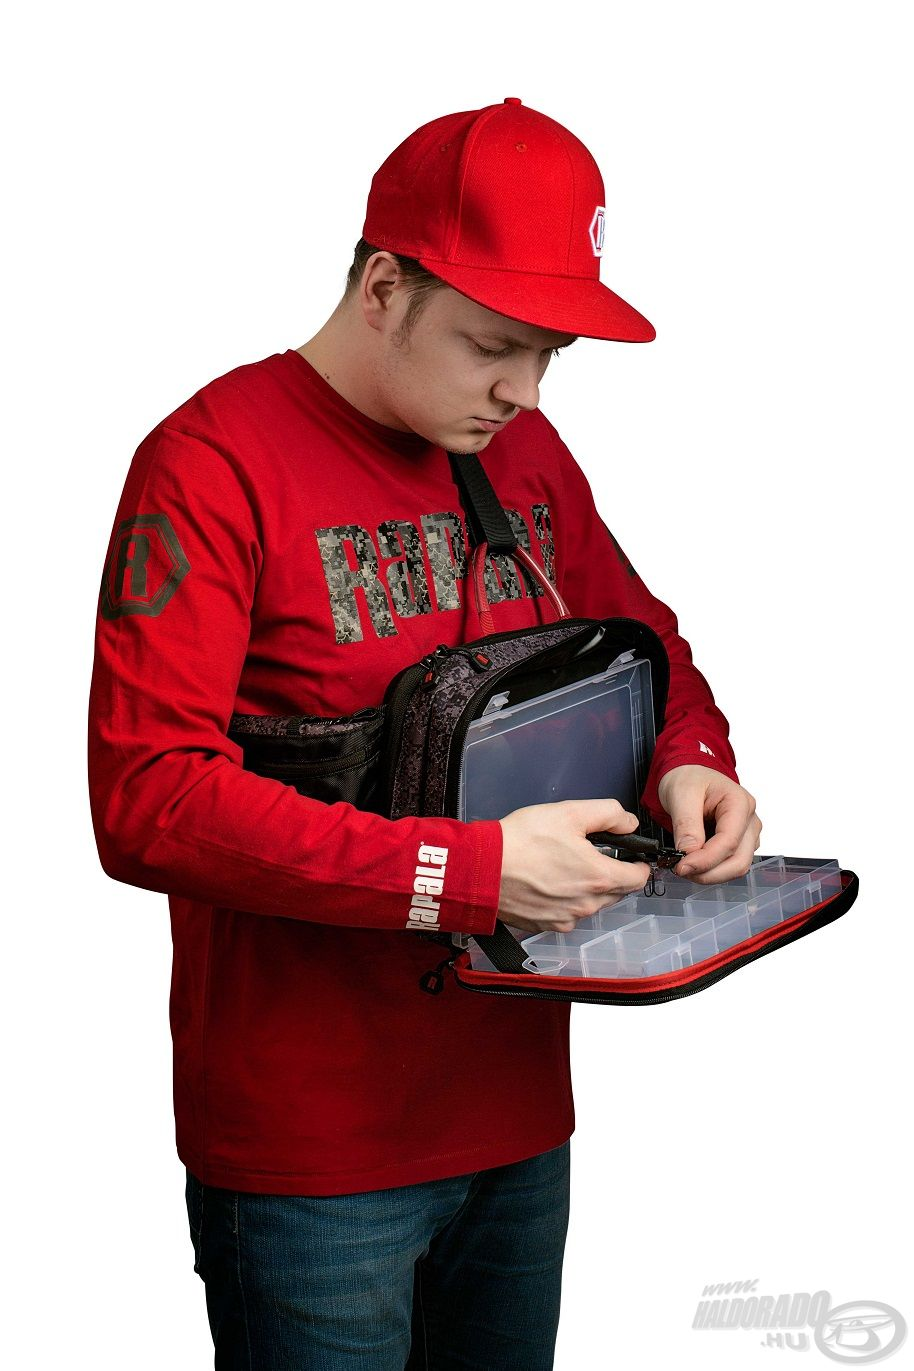 A vízálló Sling Bag egy rendkívül praktikus rekesszel teszi lehetővé, hogy akár a vízben állva, a táska elejét lenyitva, mint egy tálcán válogassunk a felszerelés között